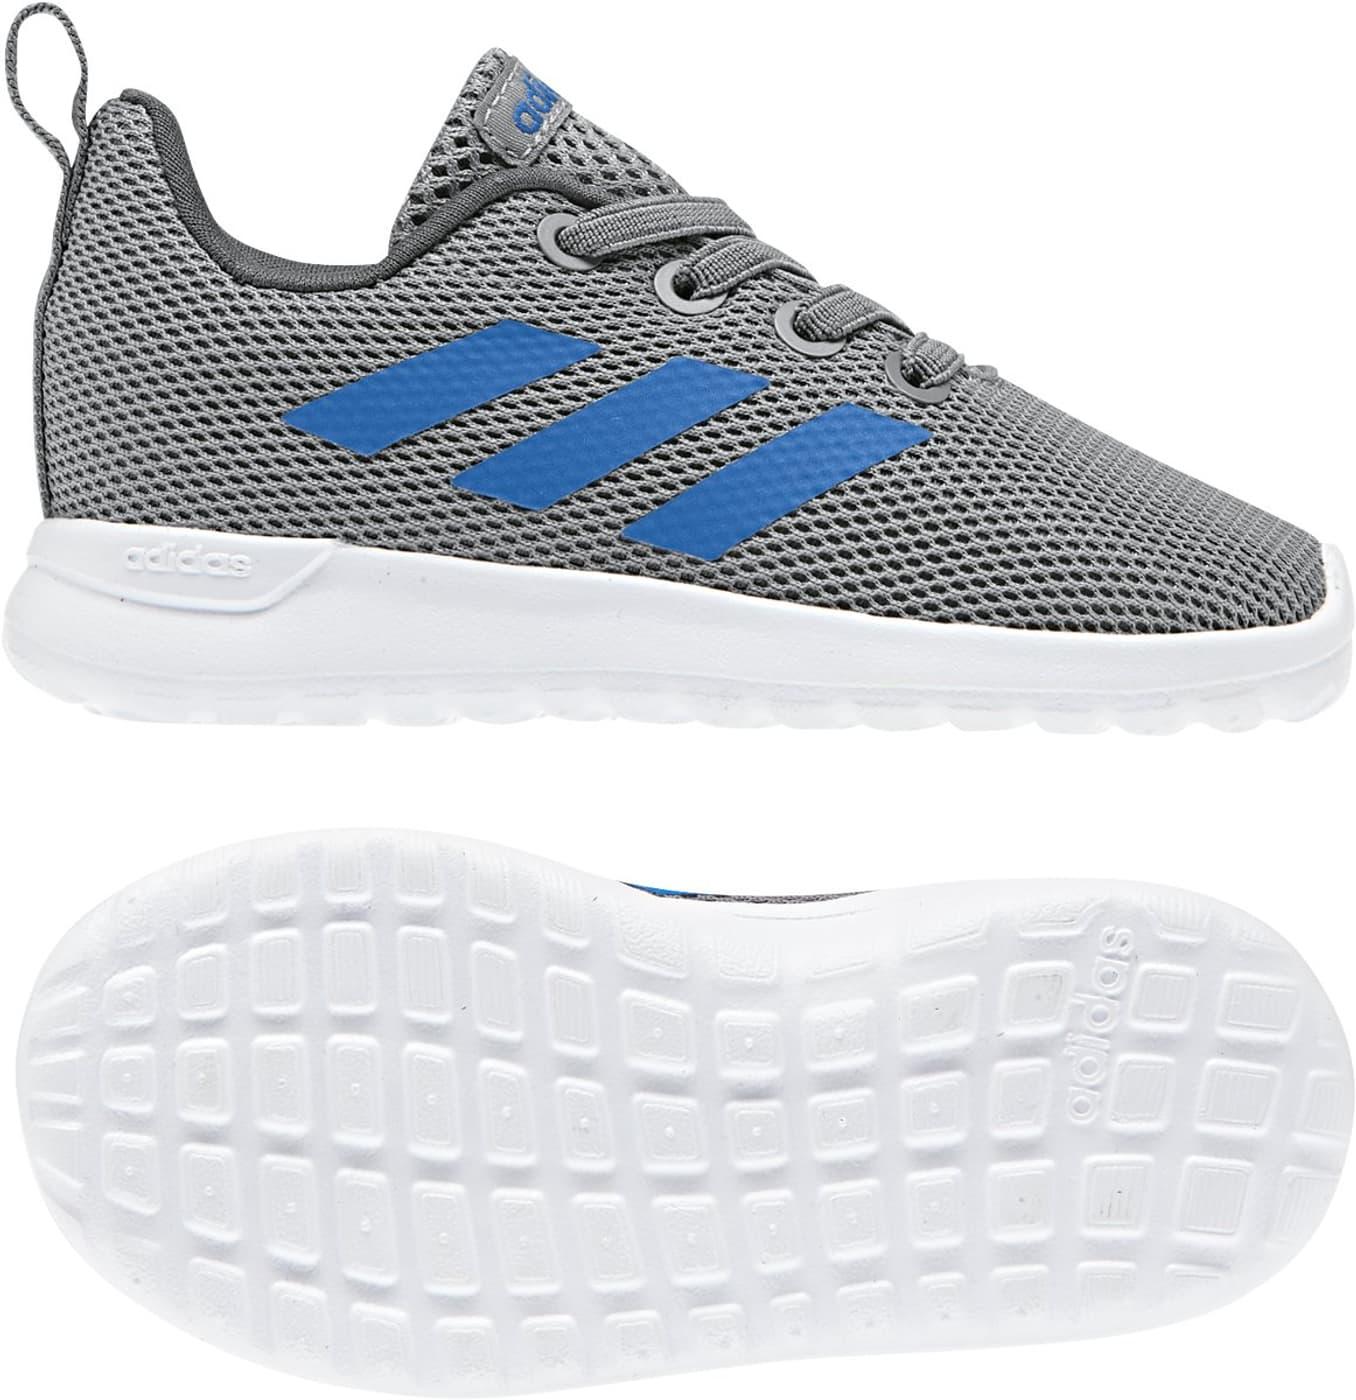 8d62fc2a53a Adidas Lite Racer CLN Chaussures de course pour enfant